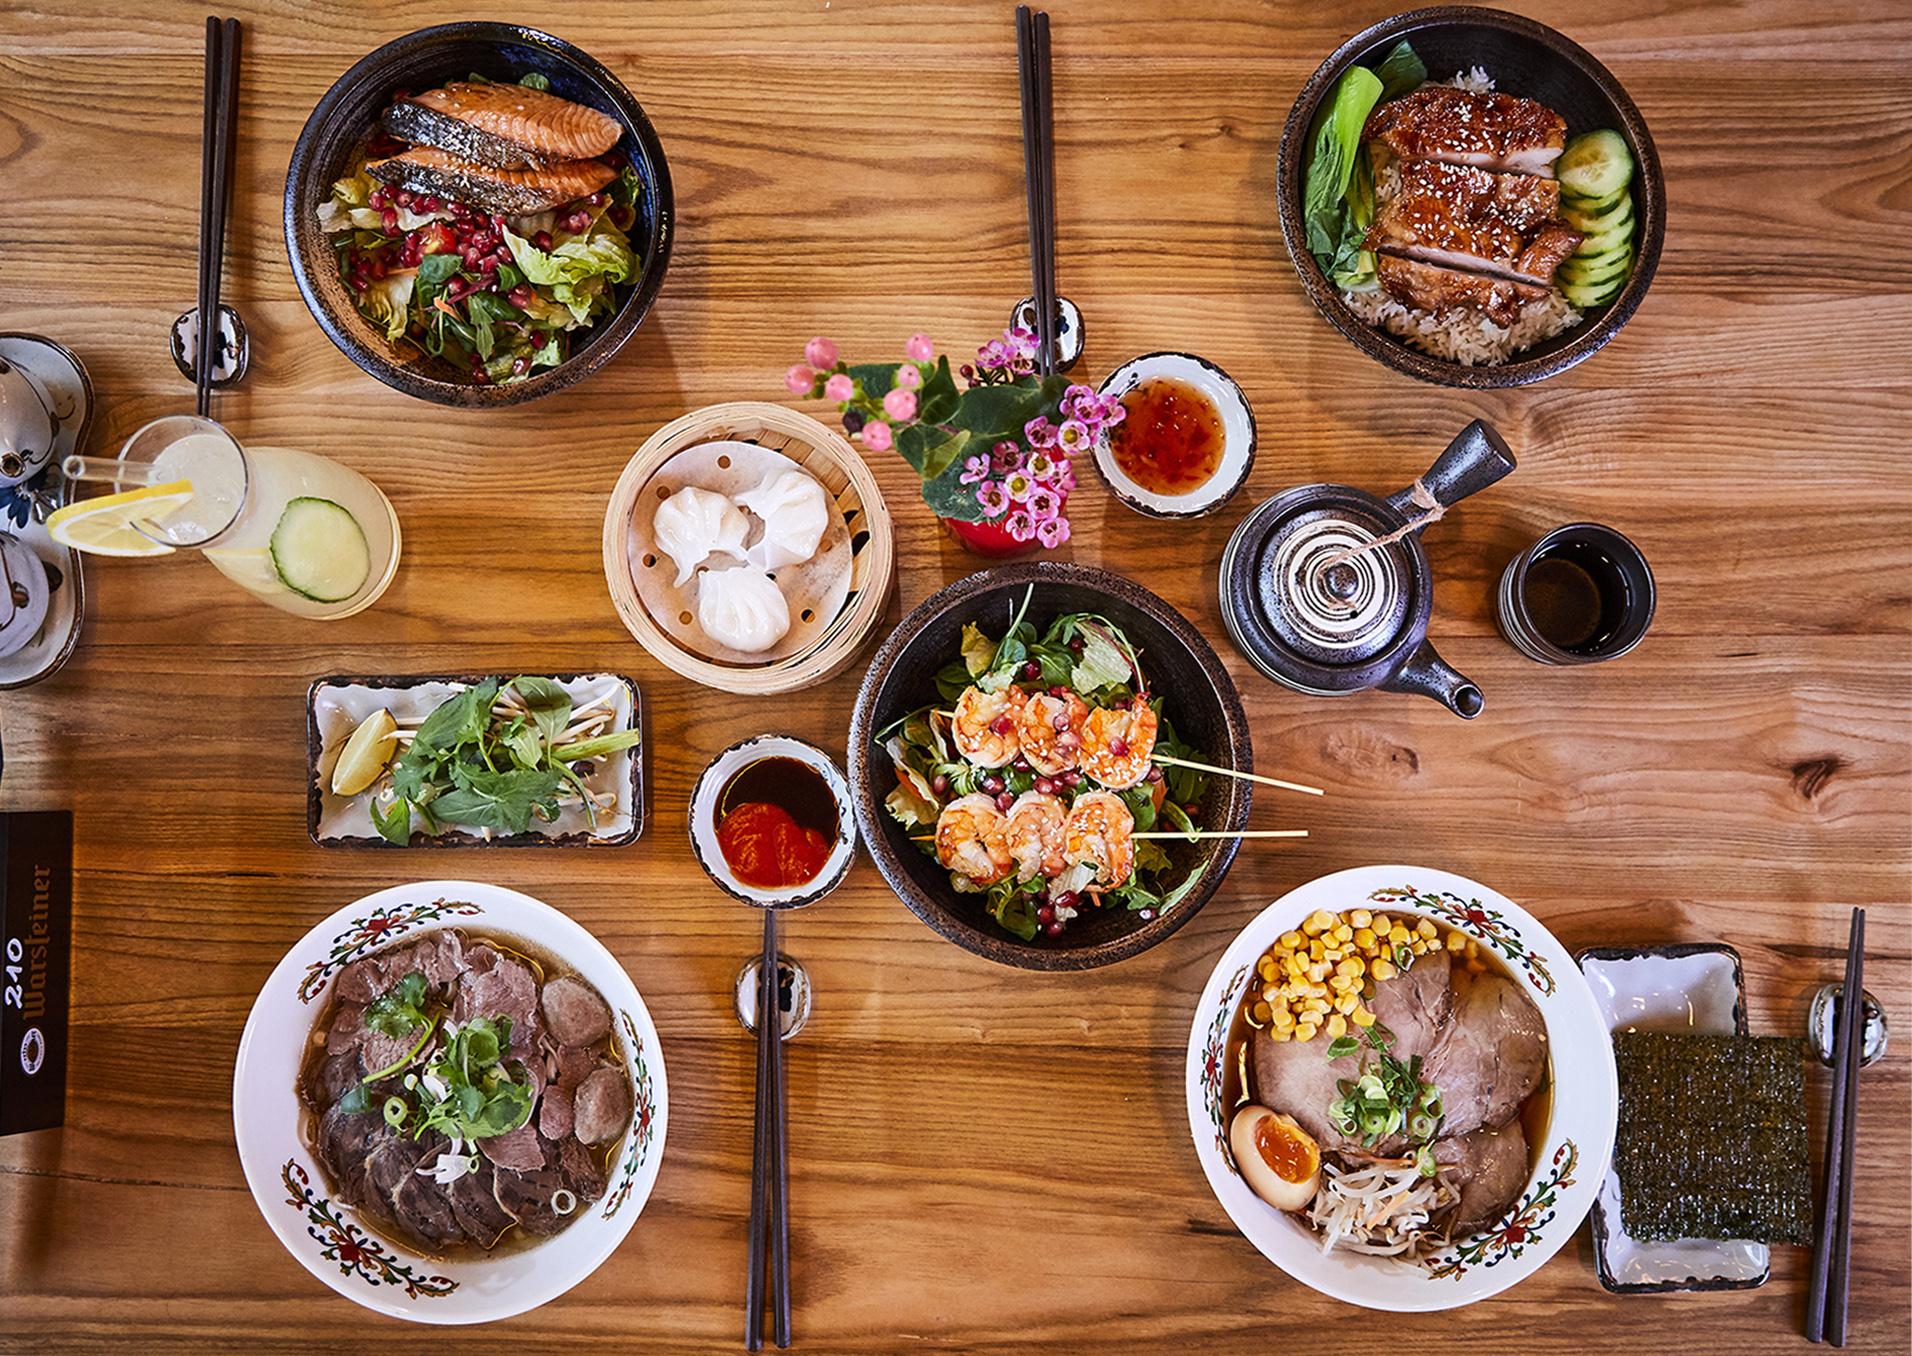 Lunch - Habt ihr Lust zum Mittagessen unsere Rice-Bowls, Sushi-Bento-Boxen und Nudelsuppen zu probieren? Ob direkt im Lokal oder zum Abholen, unsere frisch zubereiteten Mittagsmenüs sind von Mo - Fr an Arbeitstagen von 12:00 bis 16:00 Uhr erhältich.